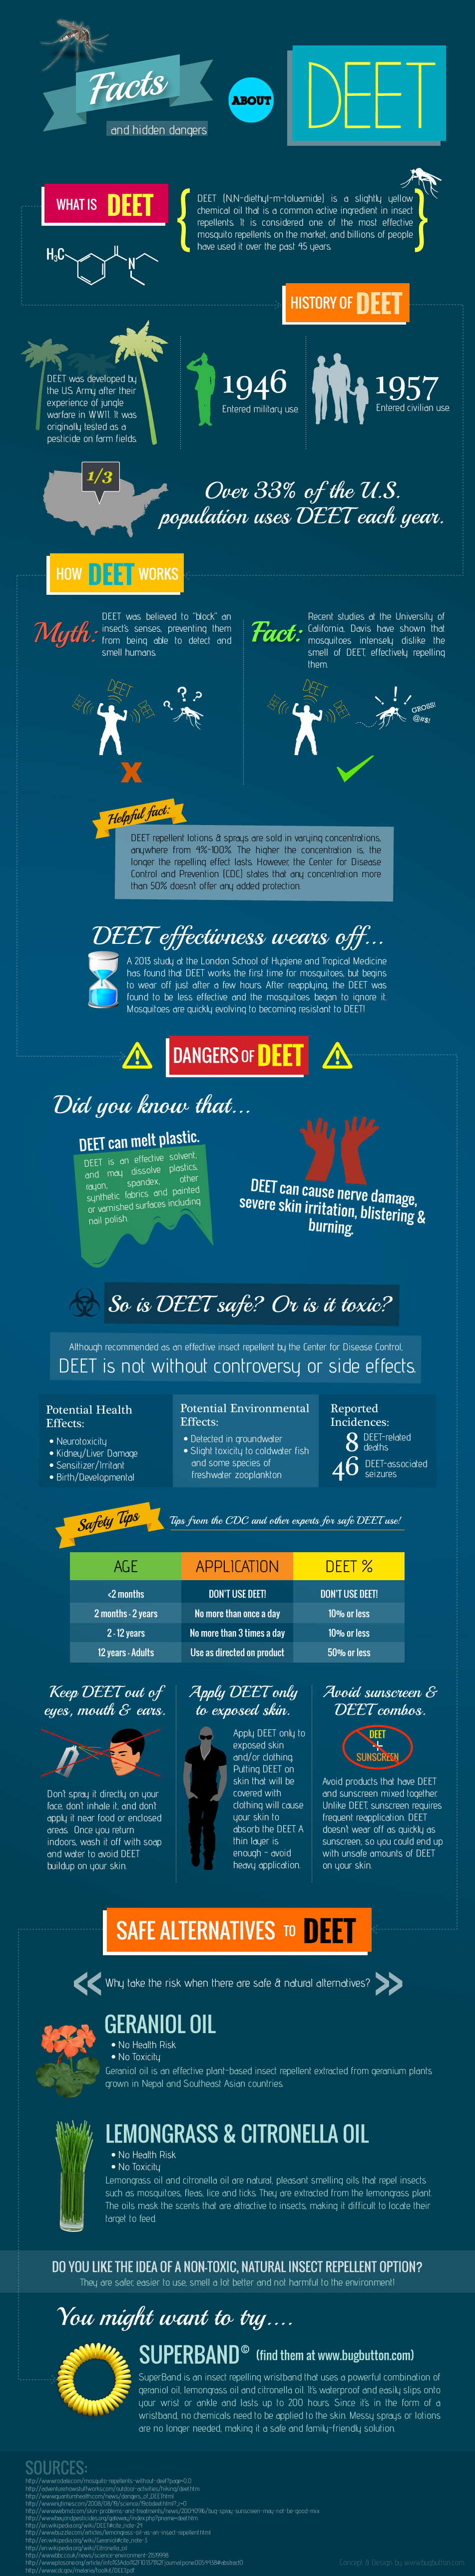 facts-and-hidden-dangers-about-deet_51e44b7e3c9c7